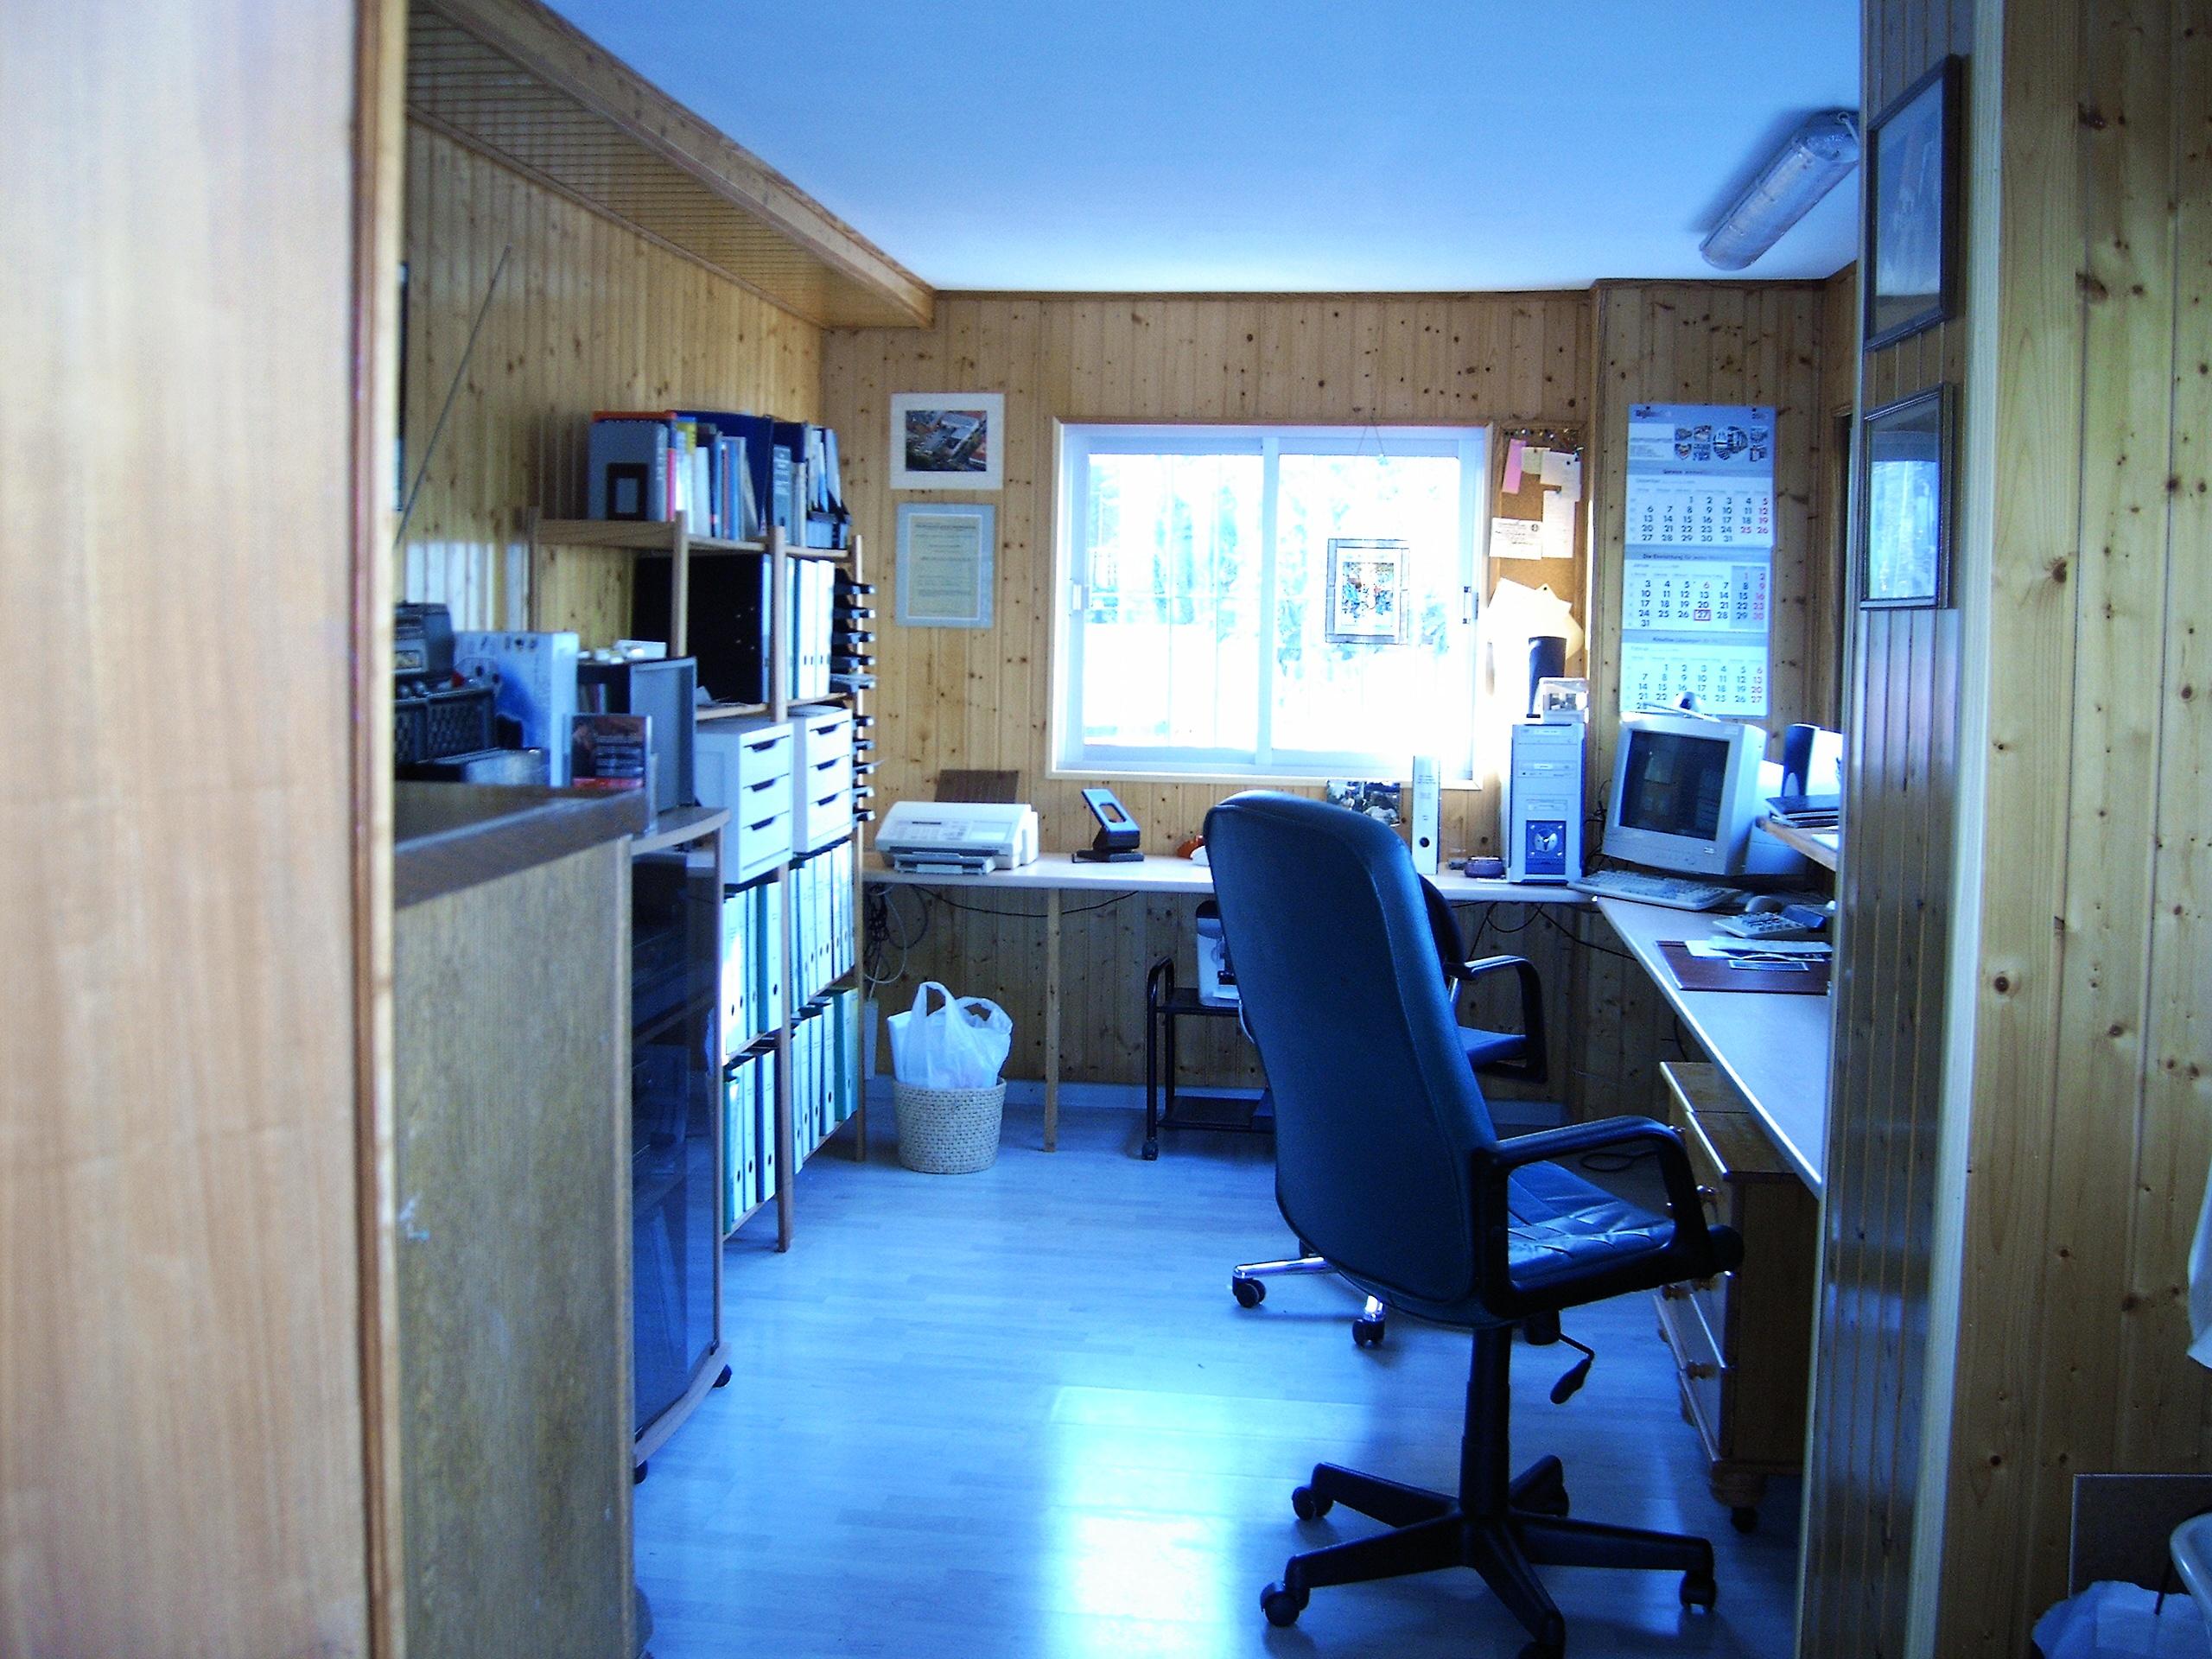 Venda casa de campo torrellano alicante espanha - Casas de campo en alicante ...